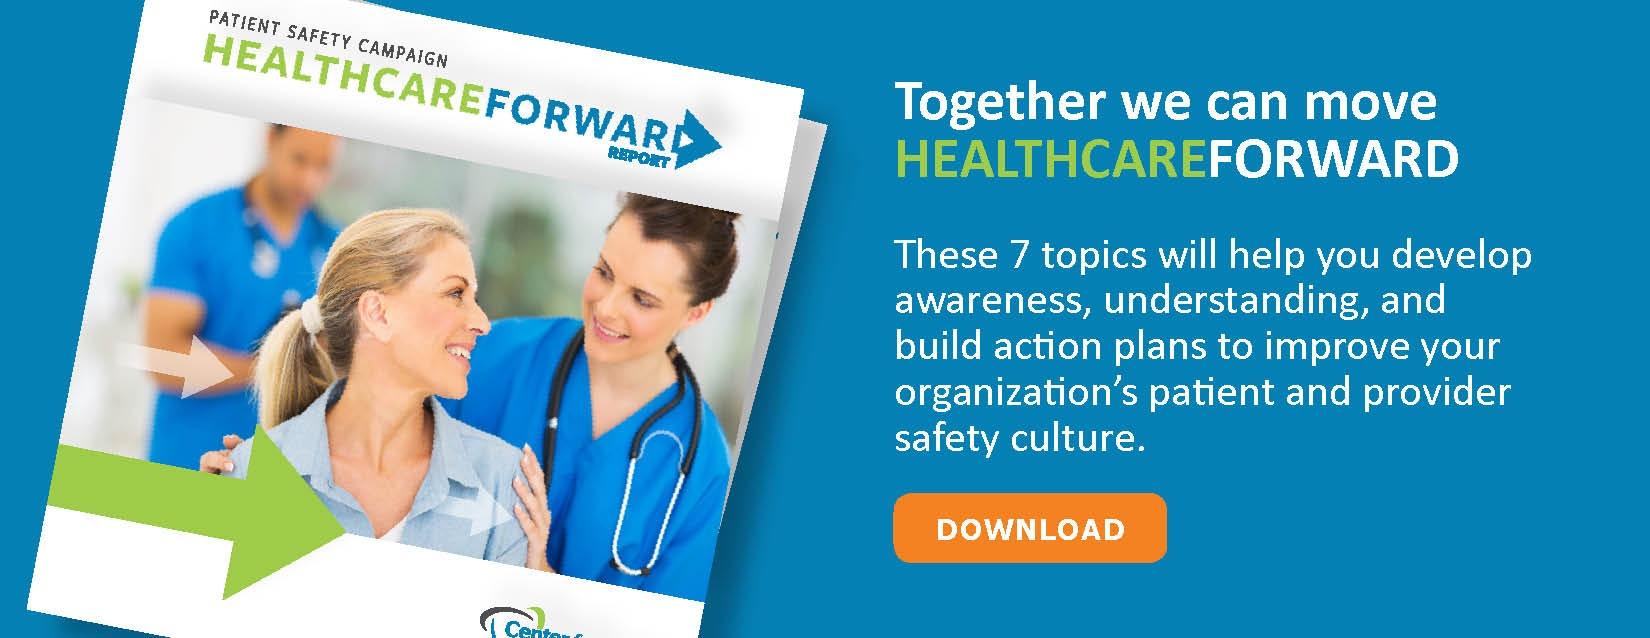 Healthcare Forward